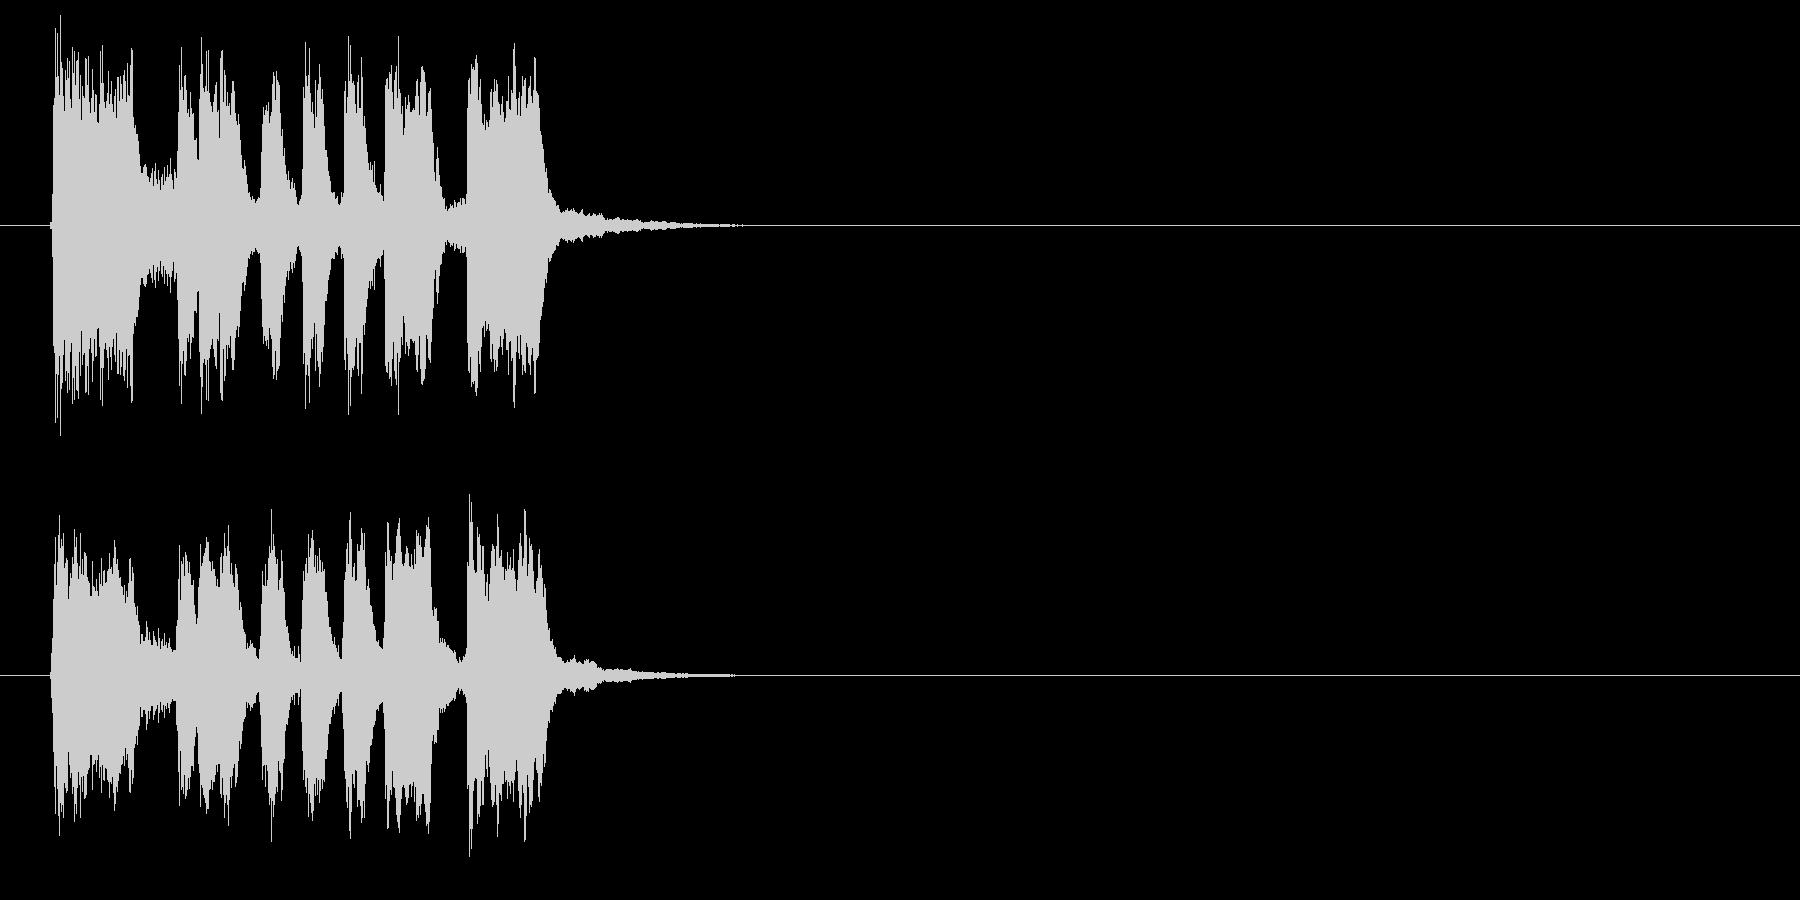 テンポが良く明るいジングル、サウンドロゴの未再生の波形